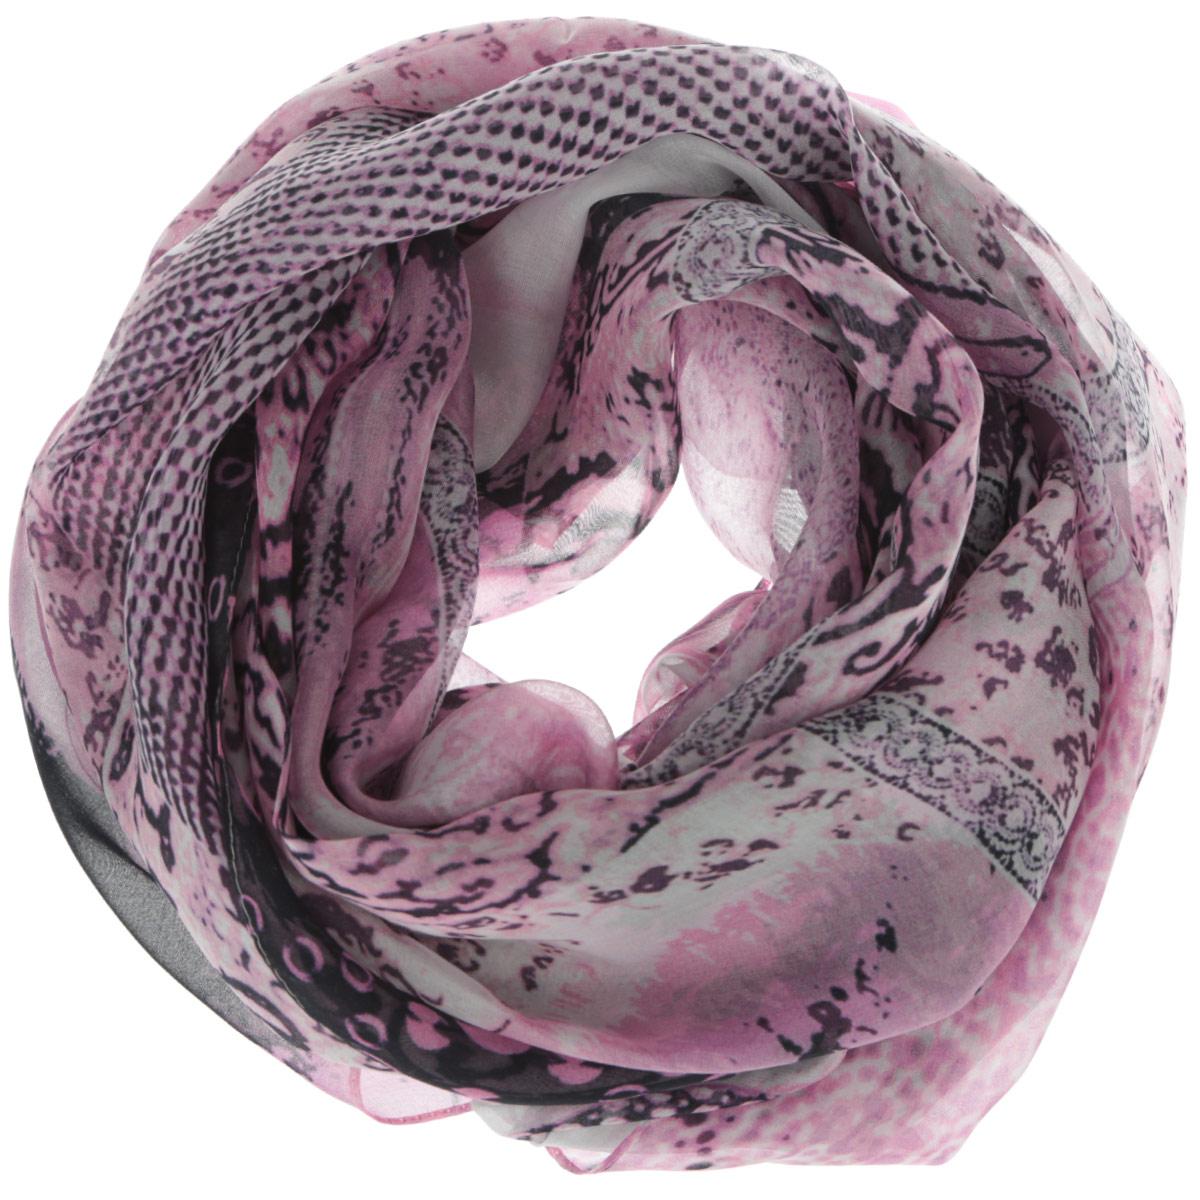 201509222Женский шарф Leo Ventoni позволит вам создать неповторимый и запоминающийся образ. Изготовленный из высококачественного шелка, он очень легкий, мягкий, имеет приятную на ощупь текстуру. Модель оформлена ярким принтом. Такой аксессуар станет модным дополнением к гардеробу современной женщины, стремящейся всегда оставаться стильной и элегантной.